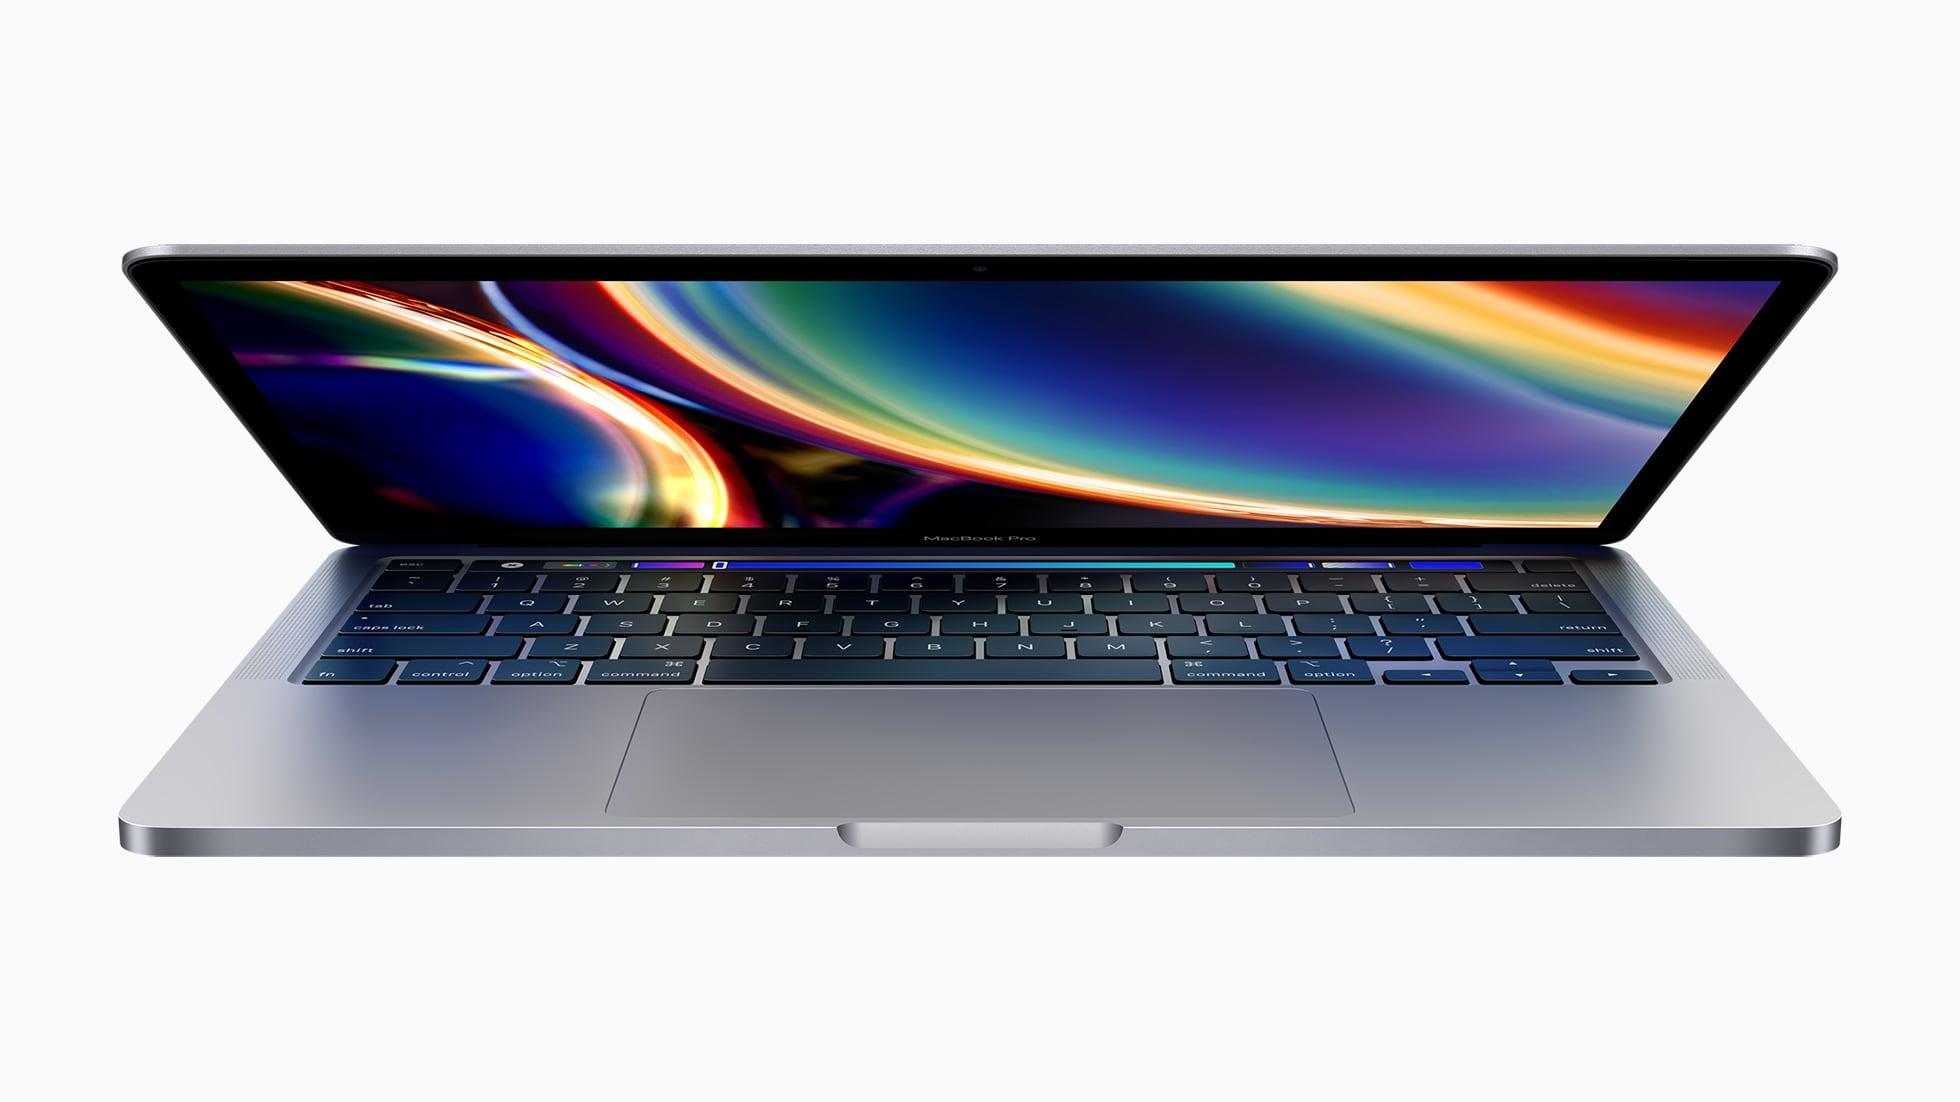 Apple MacBook Pro 13 inch 2020 release